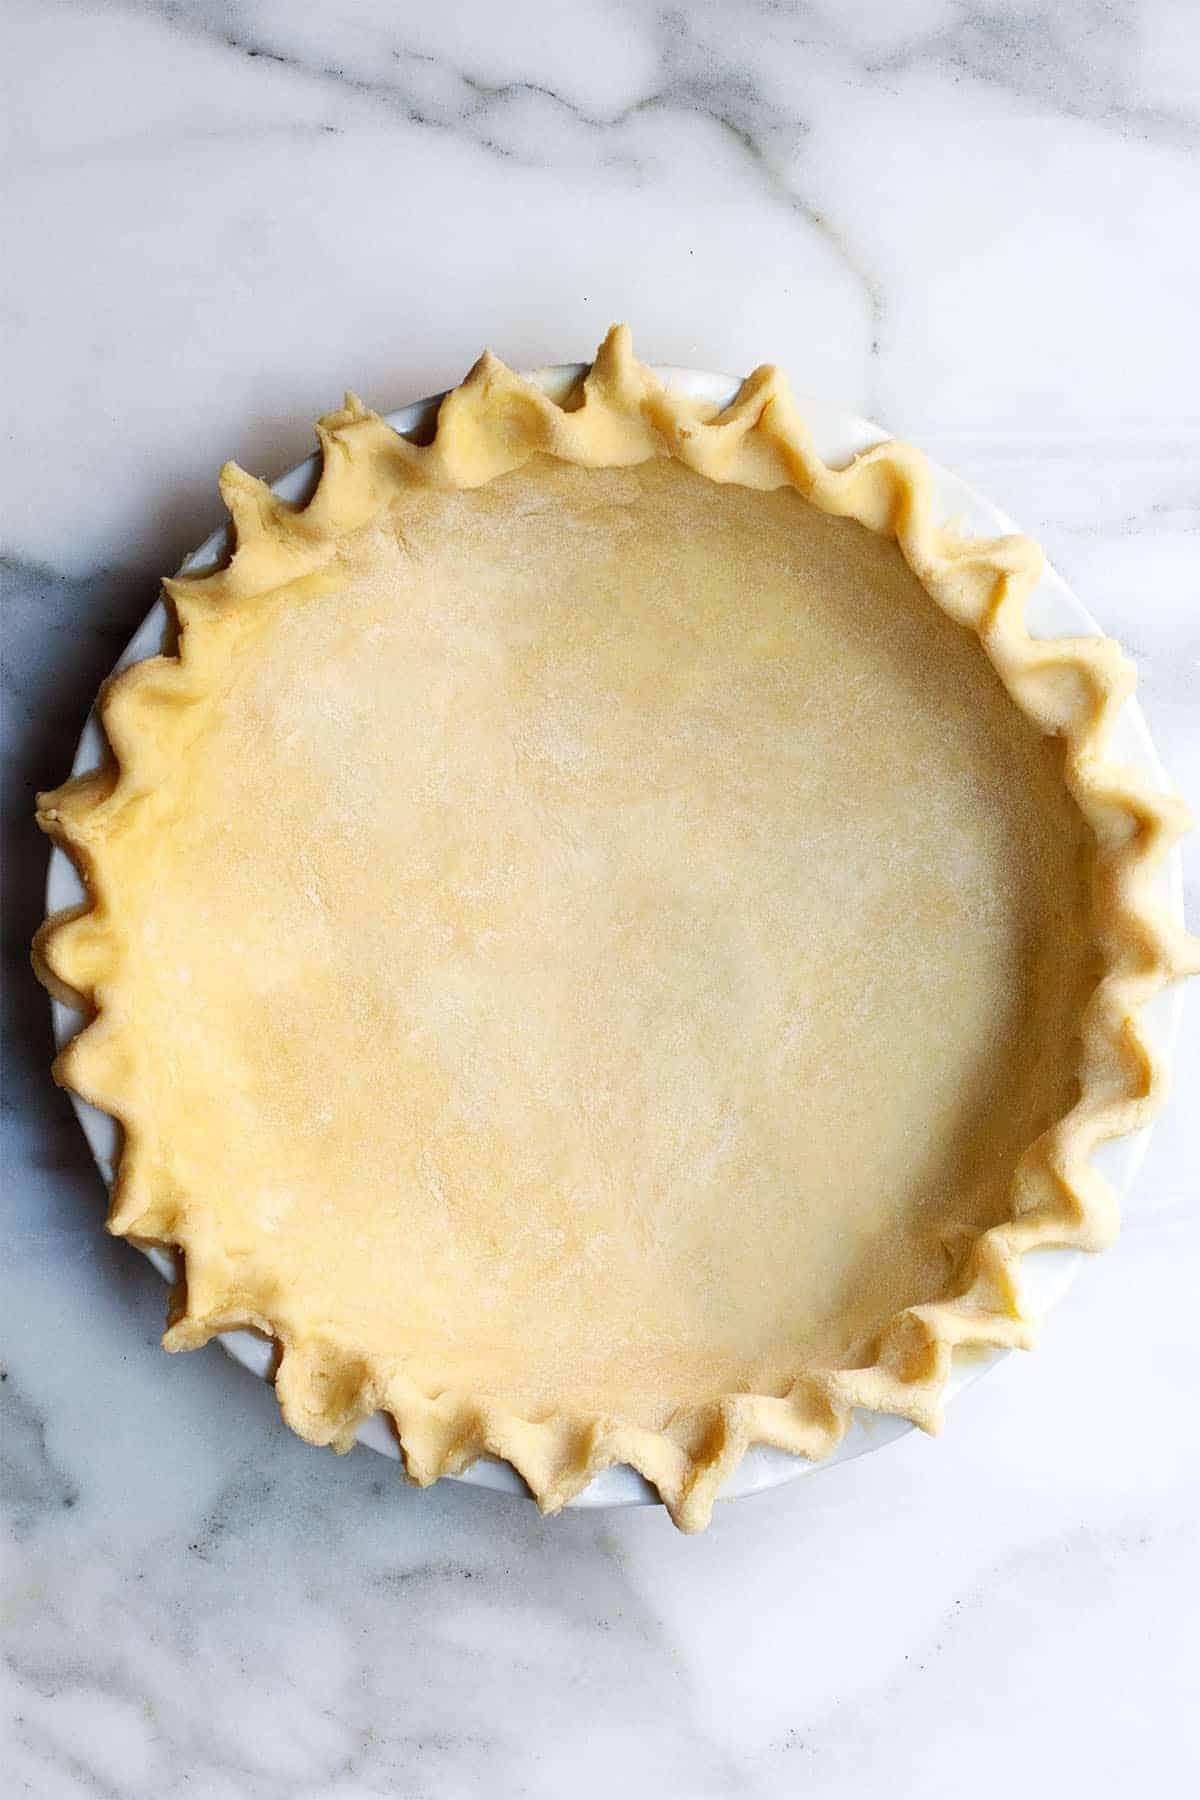 Lard Pie Crust in a pie plate